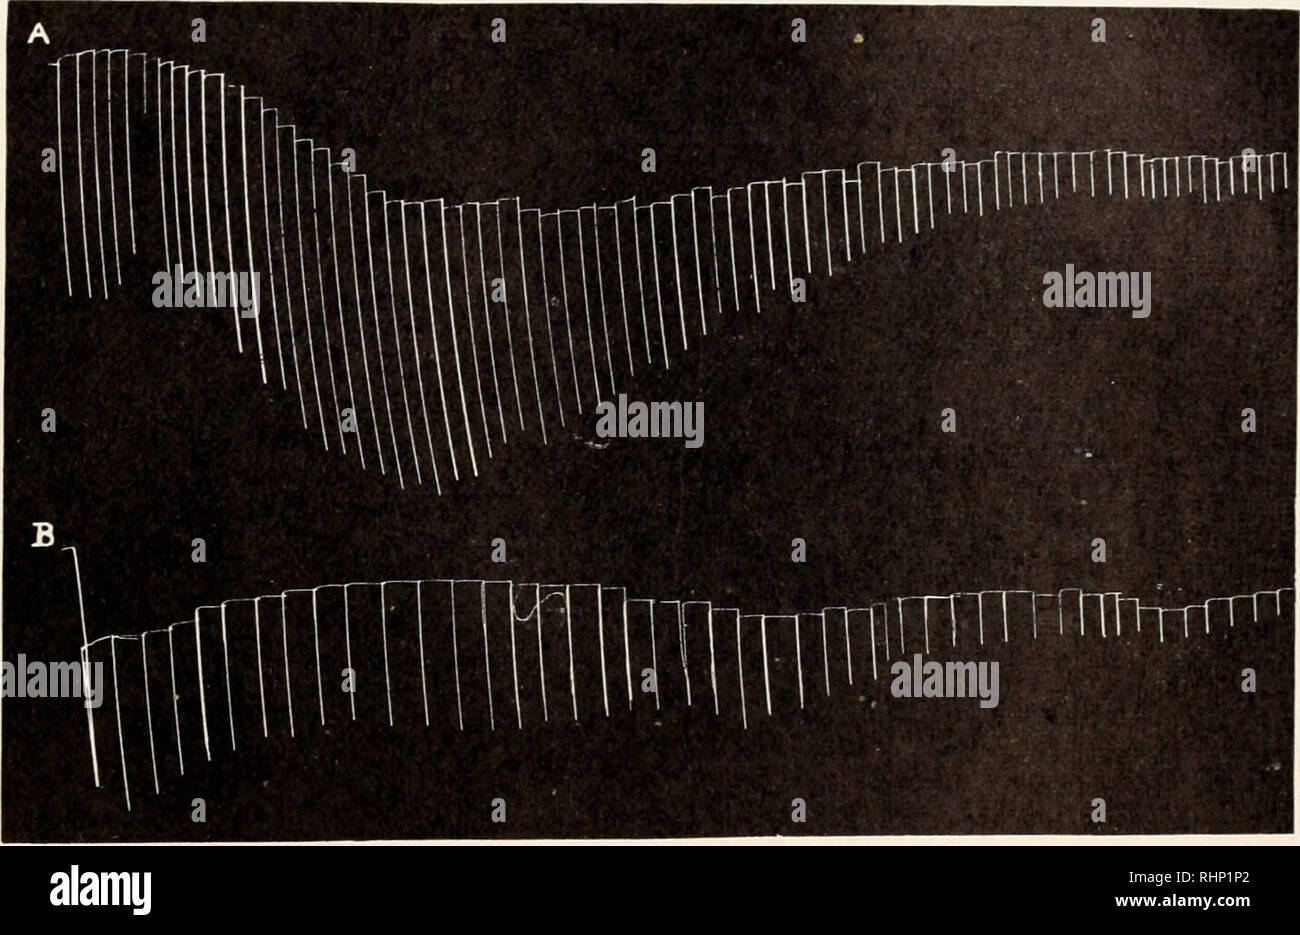 . Il bollettino biologico. Biologia; Zoologia; biologia; biologia marina. Fenomeni di aumento di spessore nel lombrico 307 di acetilcolina e che è stata antagonizzata da fisostigmina. Questo ha pensato era probabilmente un alta concentrazione di colina esterasi. Se acetilcolina è prodotta dalla stimolazione del lombrico preparazione muscolare, e se questo non è completamente idrolizzato dalle esterasi di colina prima della successiva stimolazione, la persistenza di acetilcolina potrebbe essere la causa dell'aumento delle risposte. L'applicazione di phy- sostigmine che impedisce l'azione di colina esterasi potrebbe quindi s Foto Stock